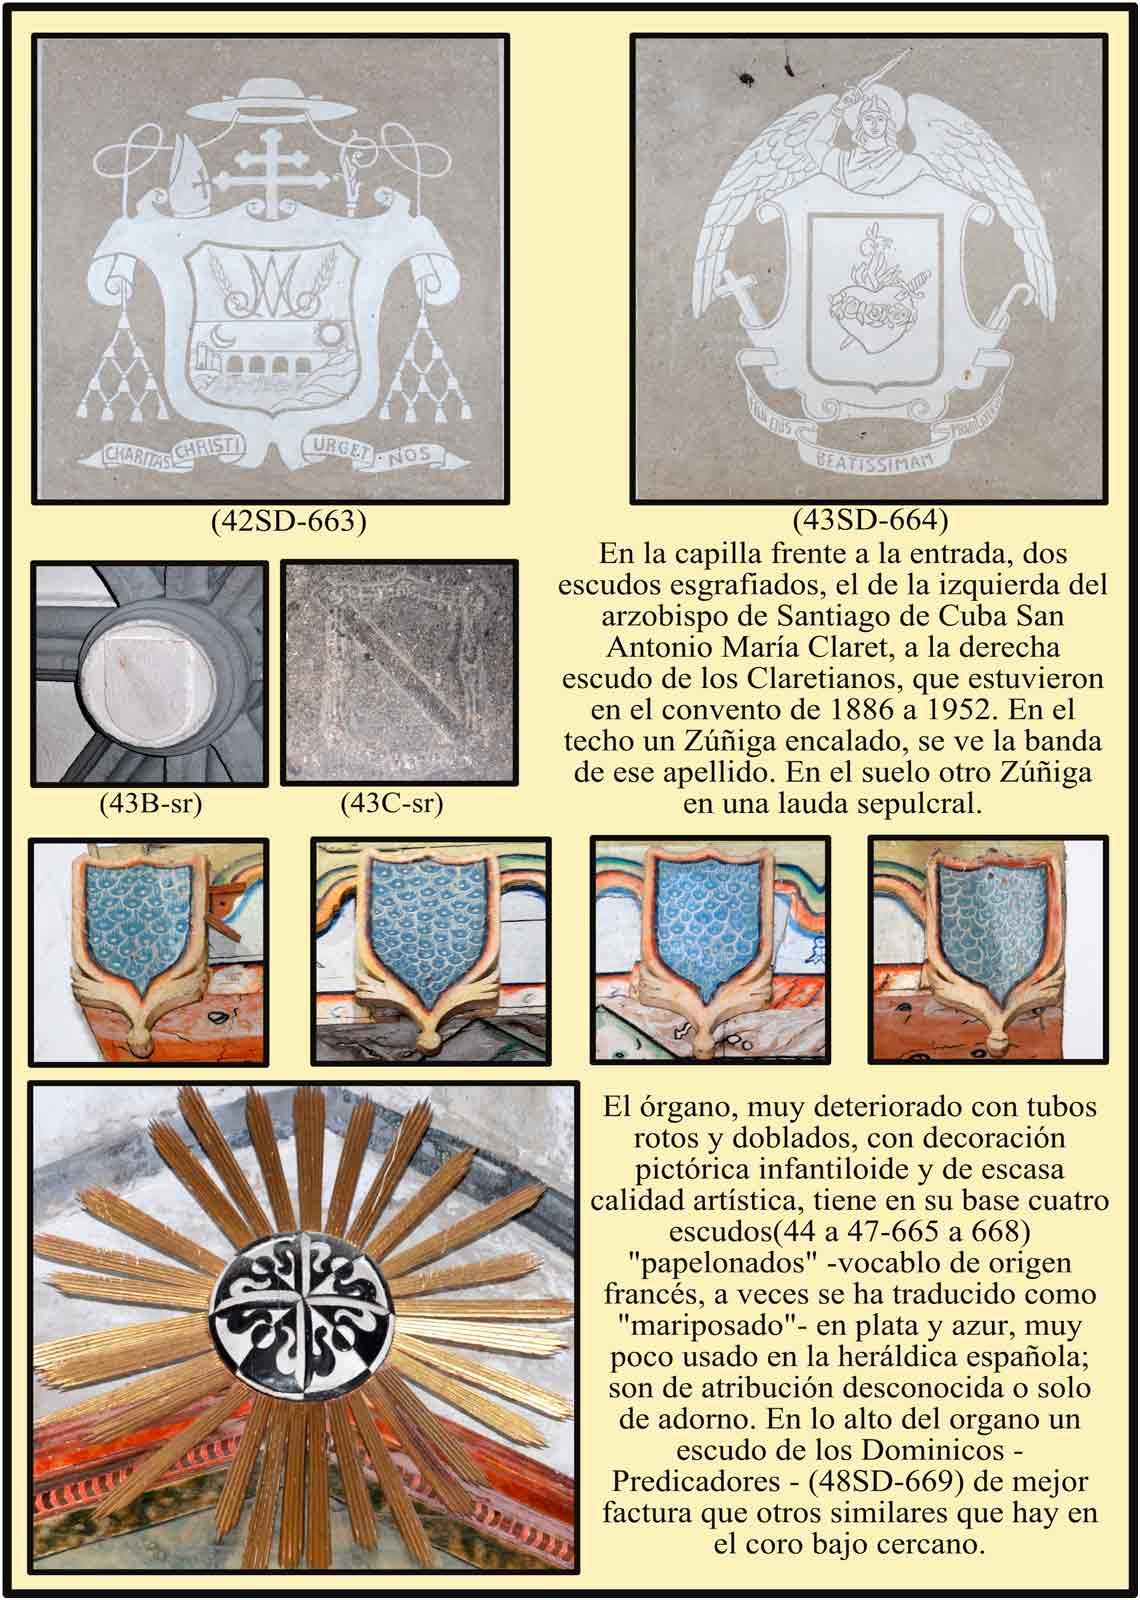 escudos de San Antonio Maria Claret Organo